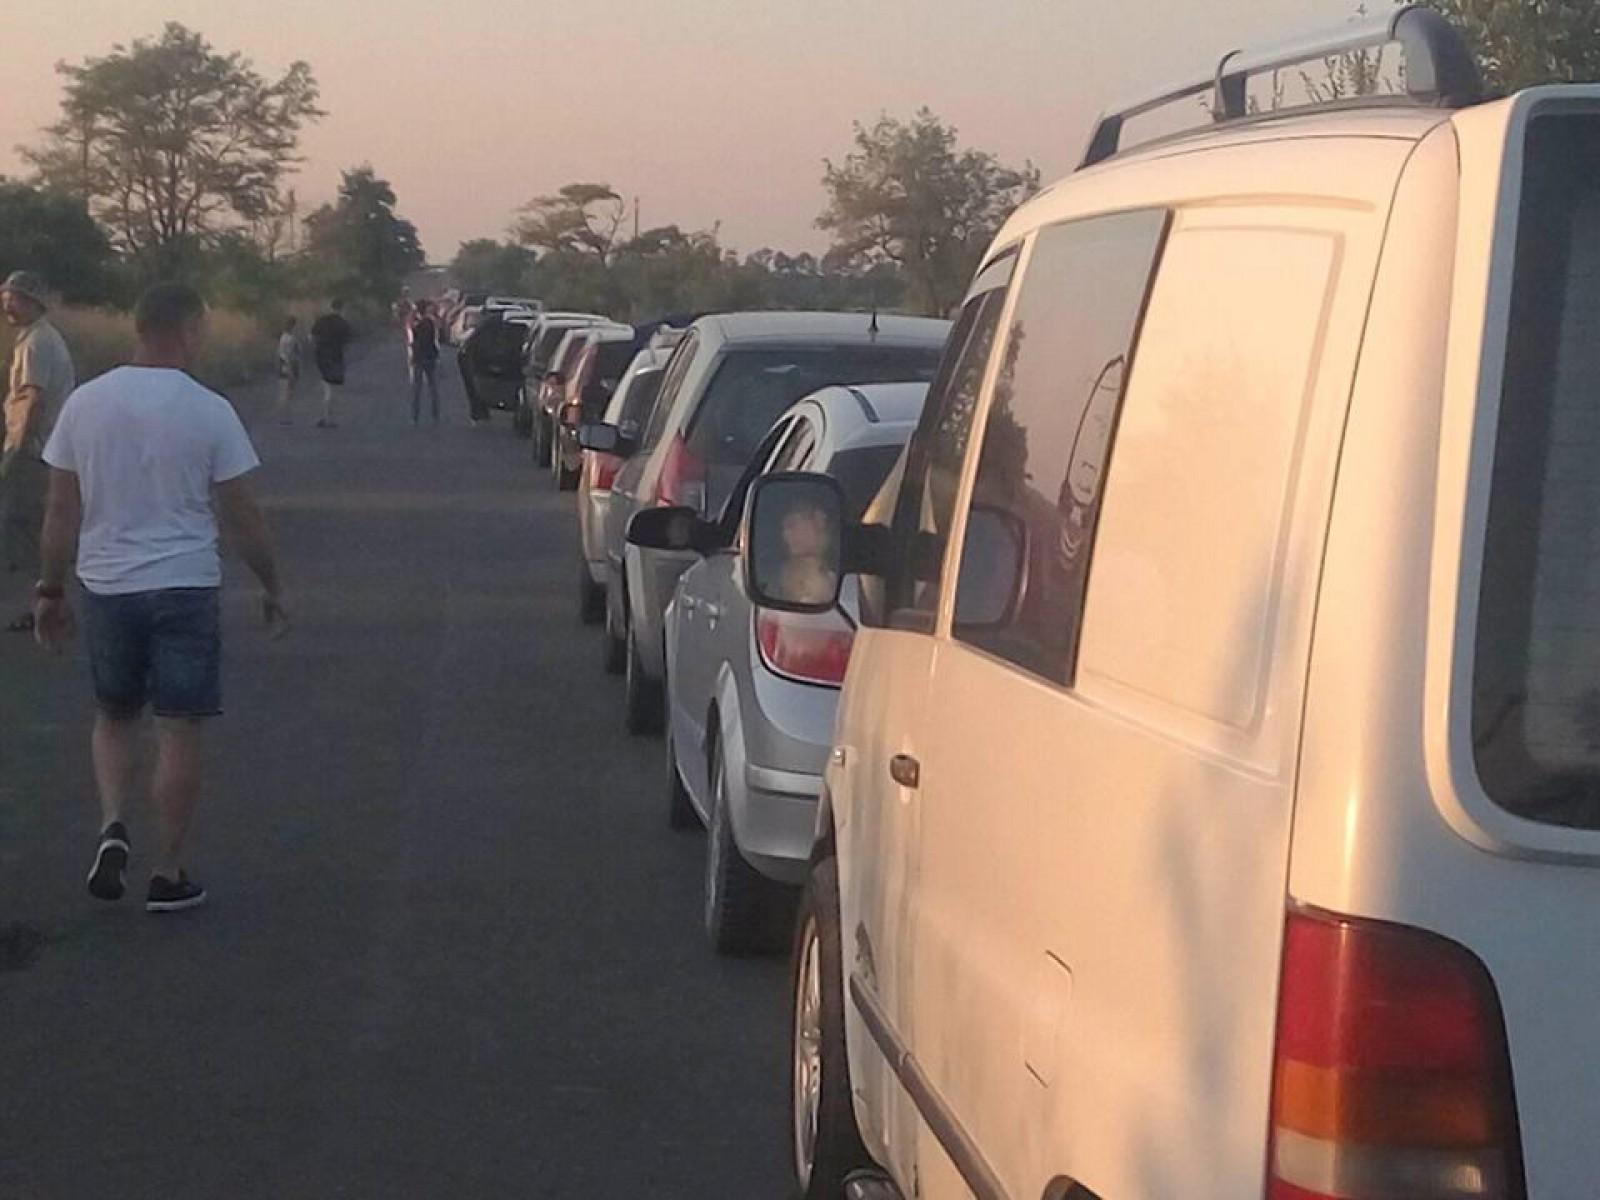 (foto/update) Coadă de mașini se înregistrează la punctul de trecere Palanca: Circa 50 de mijloace de transport așteaptă trecerea frontierei de stat